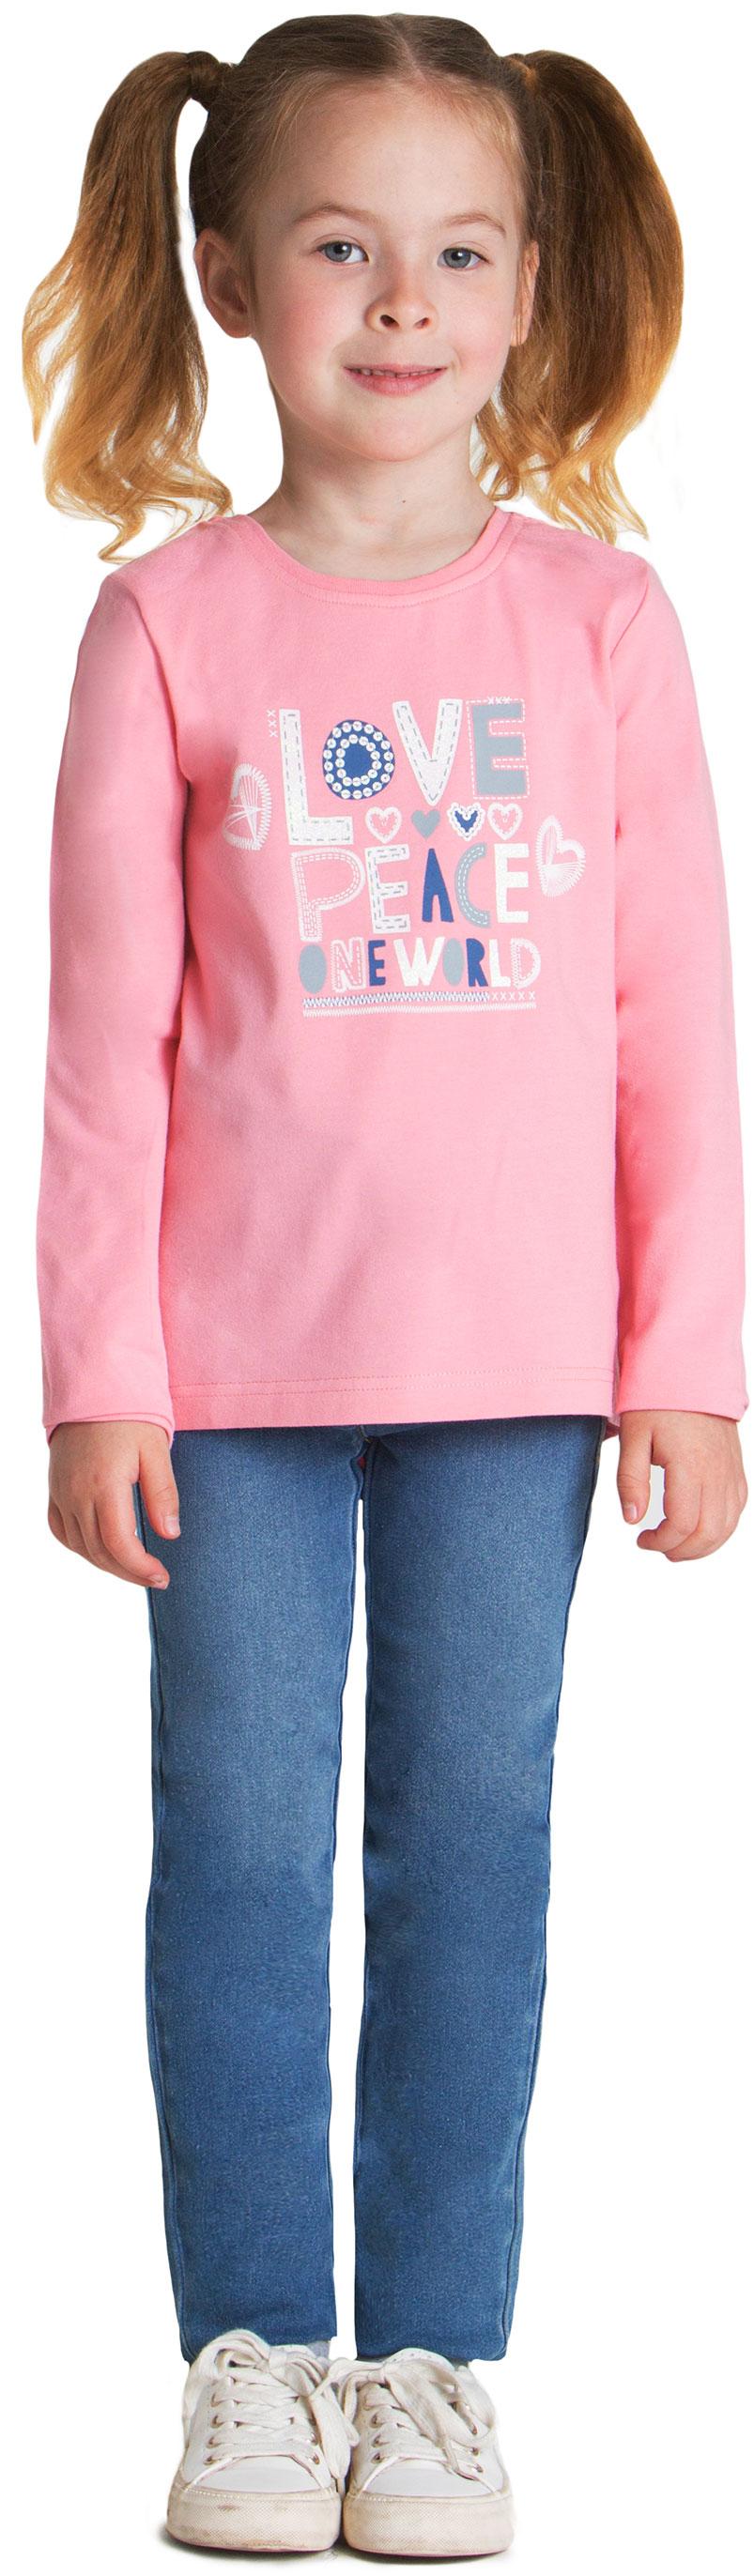 Футболки и топы Barkito Северные приключения 2 розовая топы и футболки